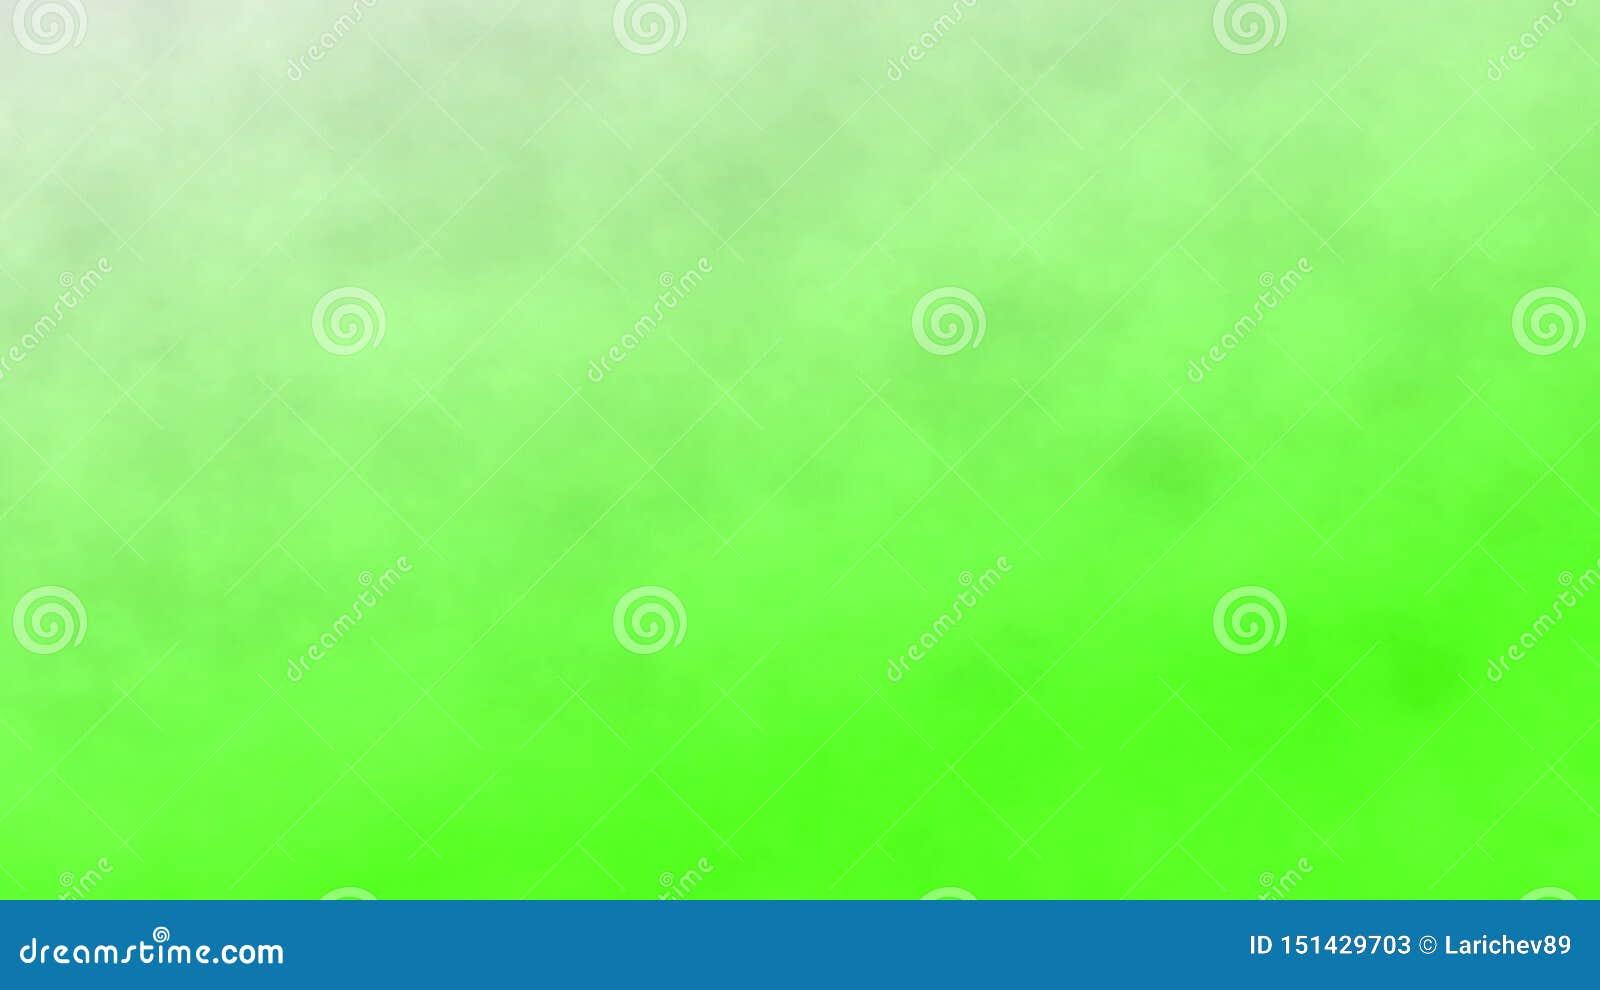 Humo en un fondo de pantalla verde, fondo abstracto ilustraci?n 3D